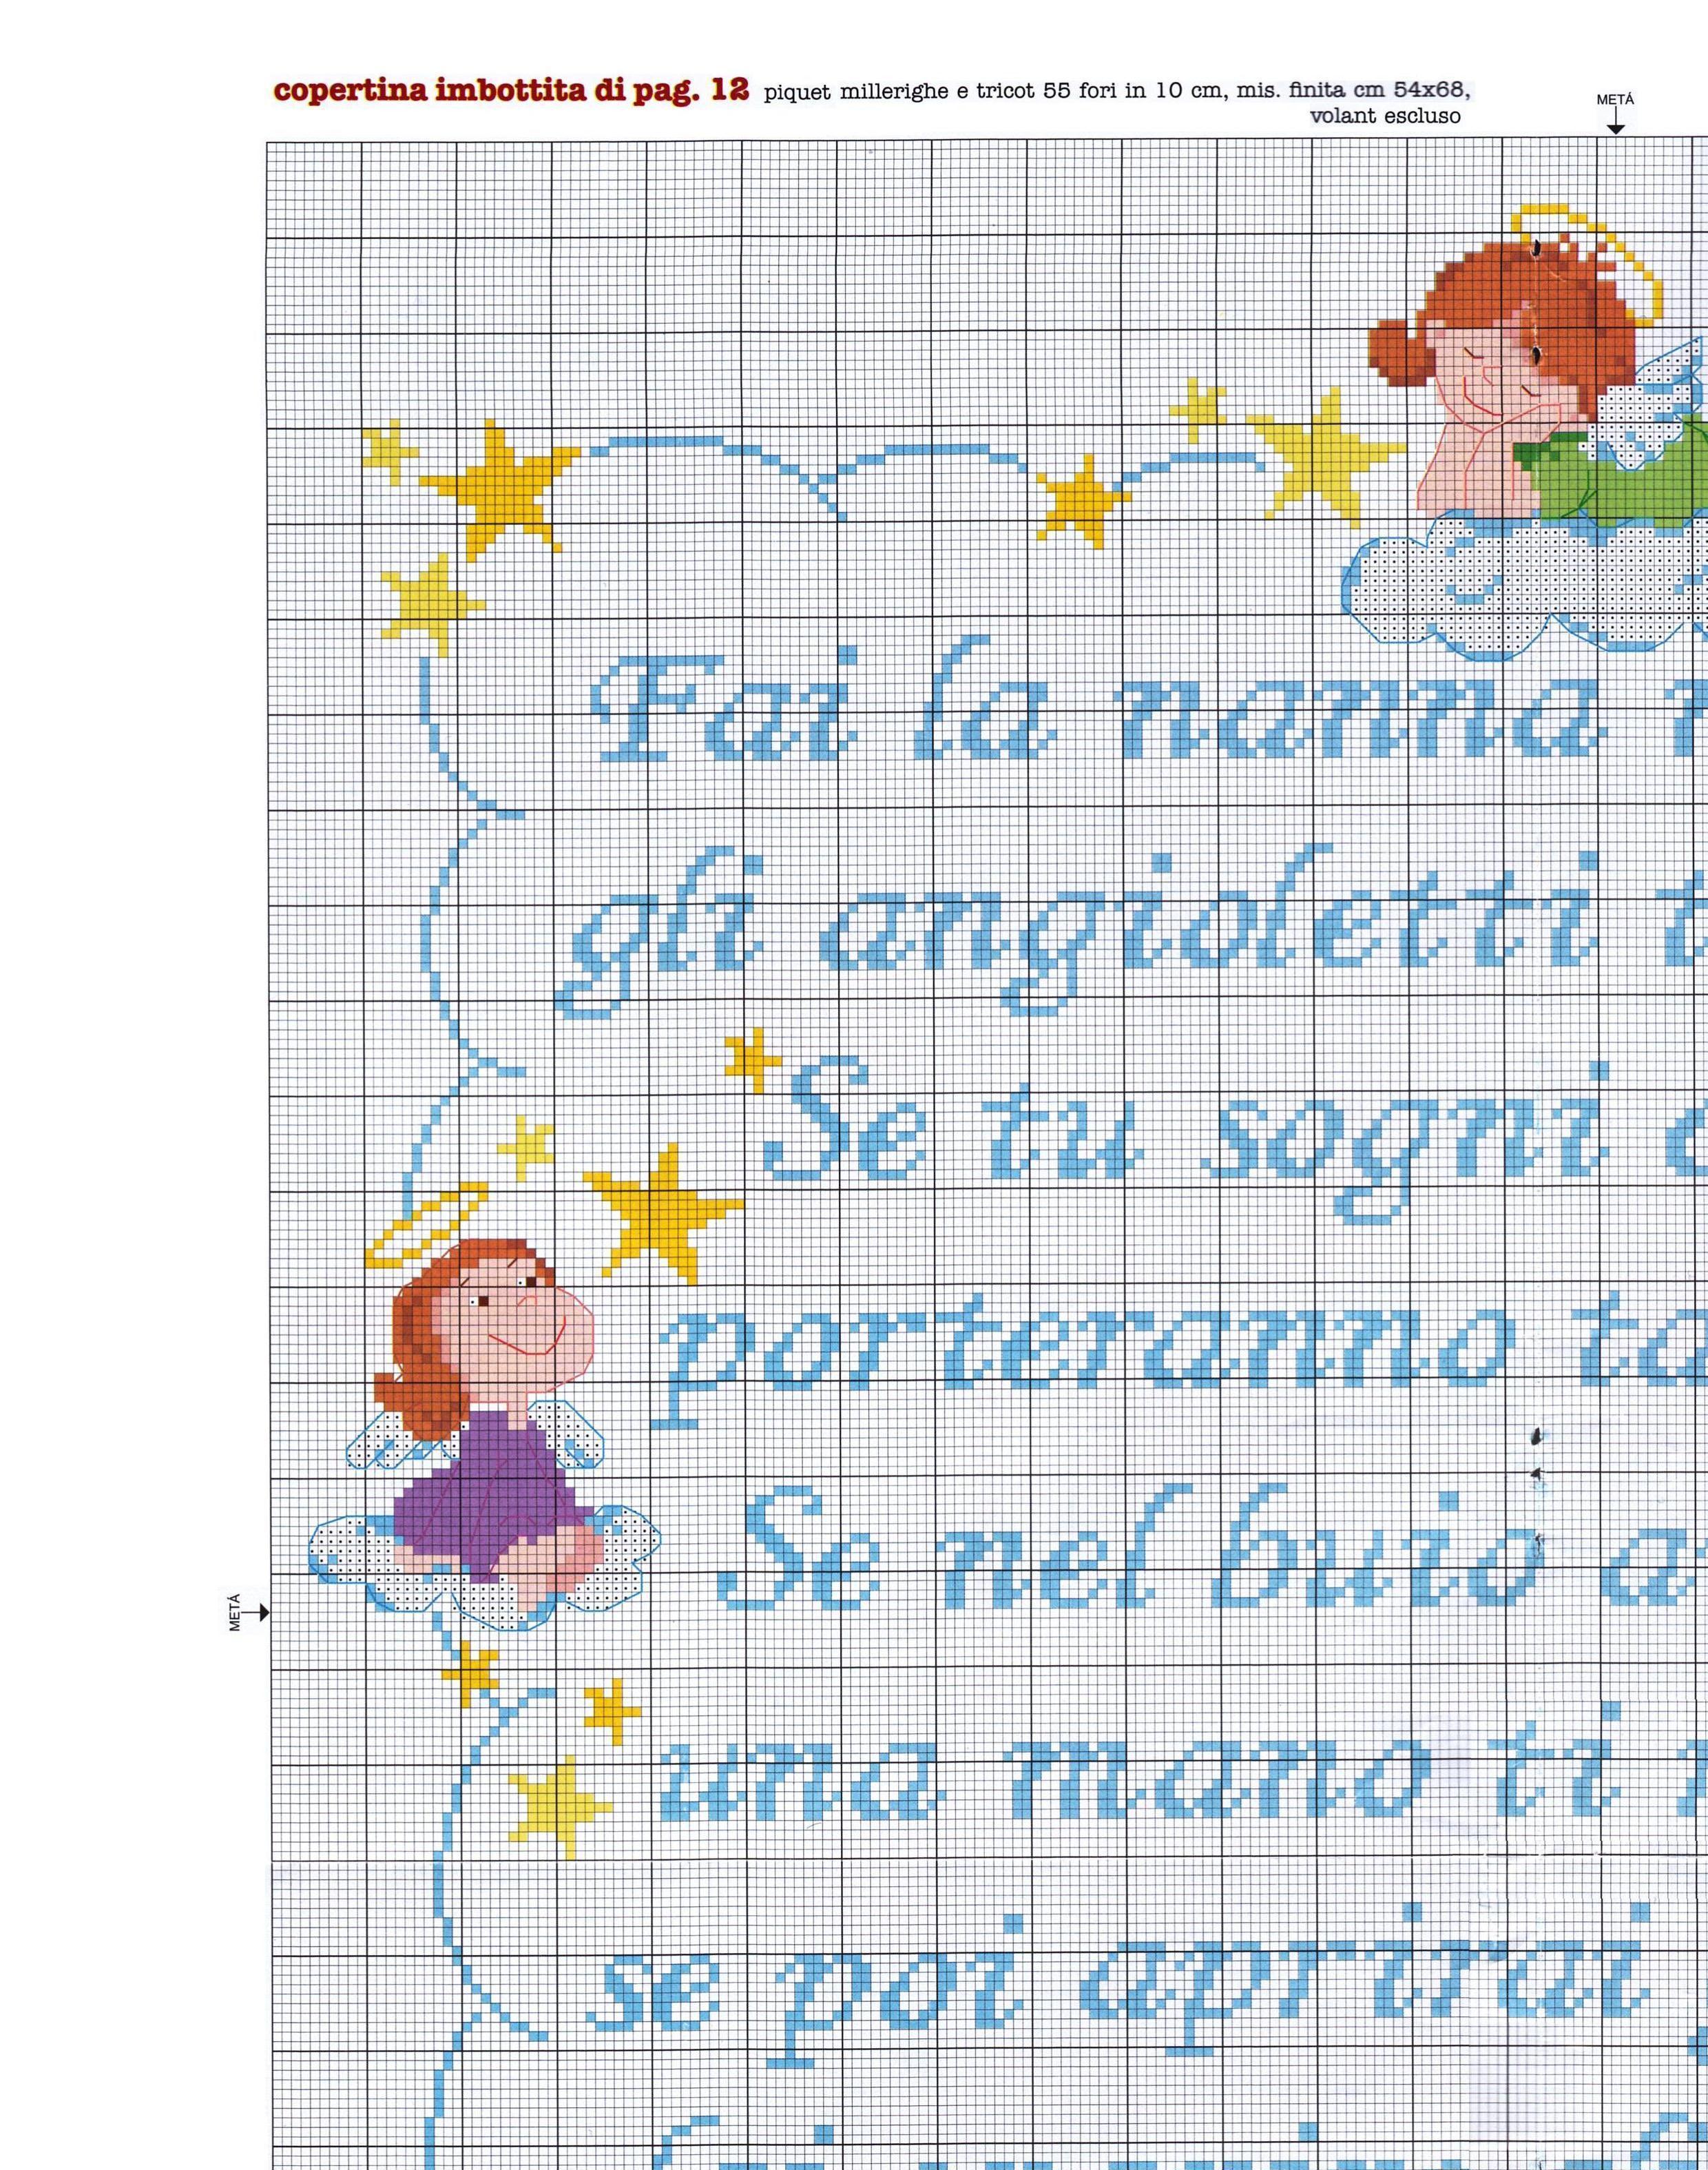 Copertina lenzuolino filastrocca angioletti 4 for Angioletti punto croce per bambini